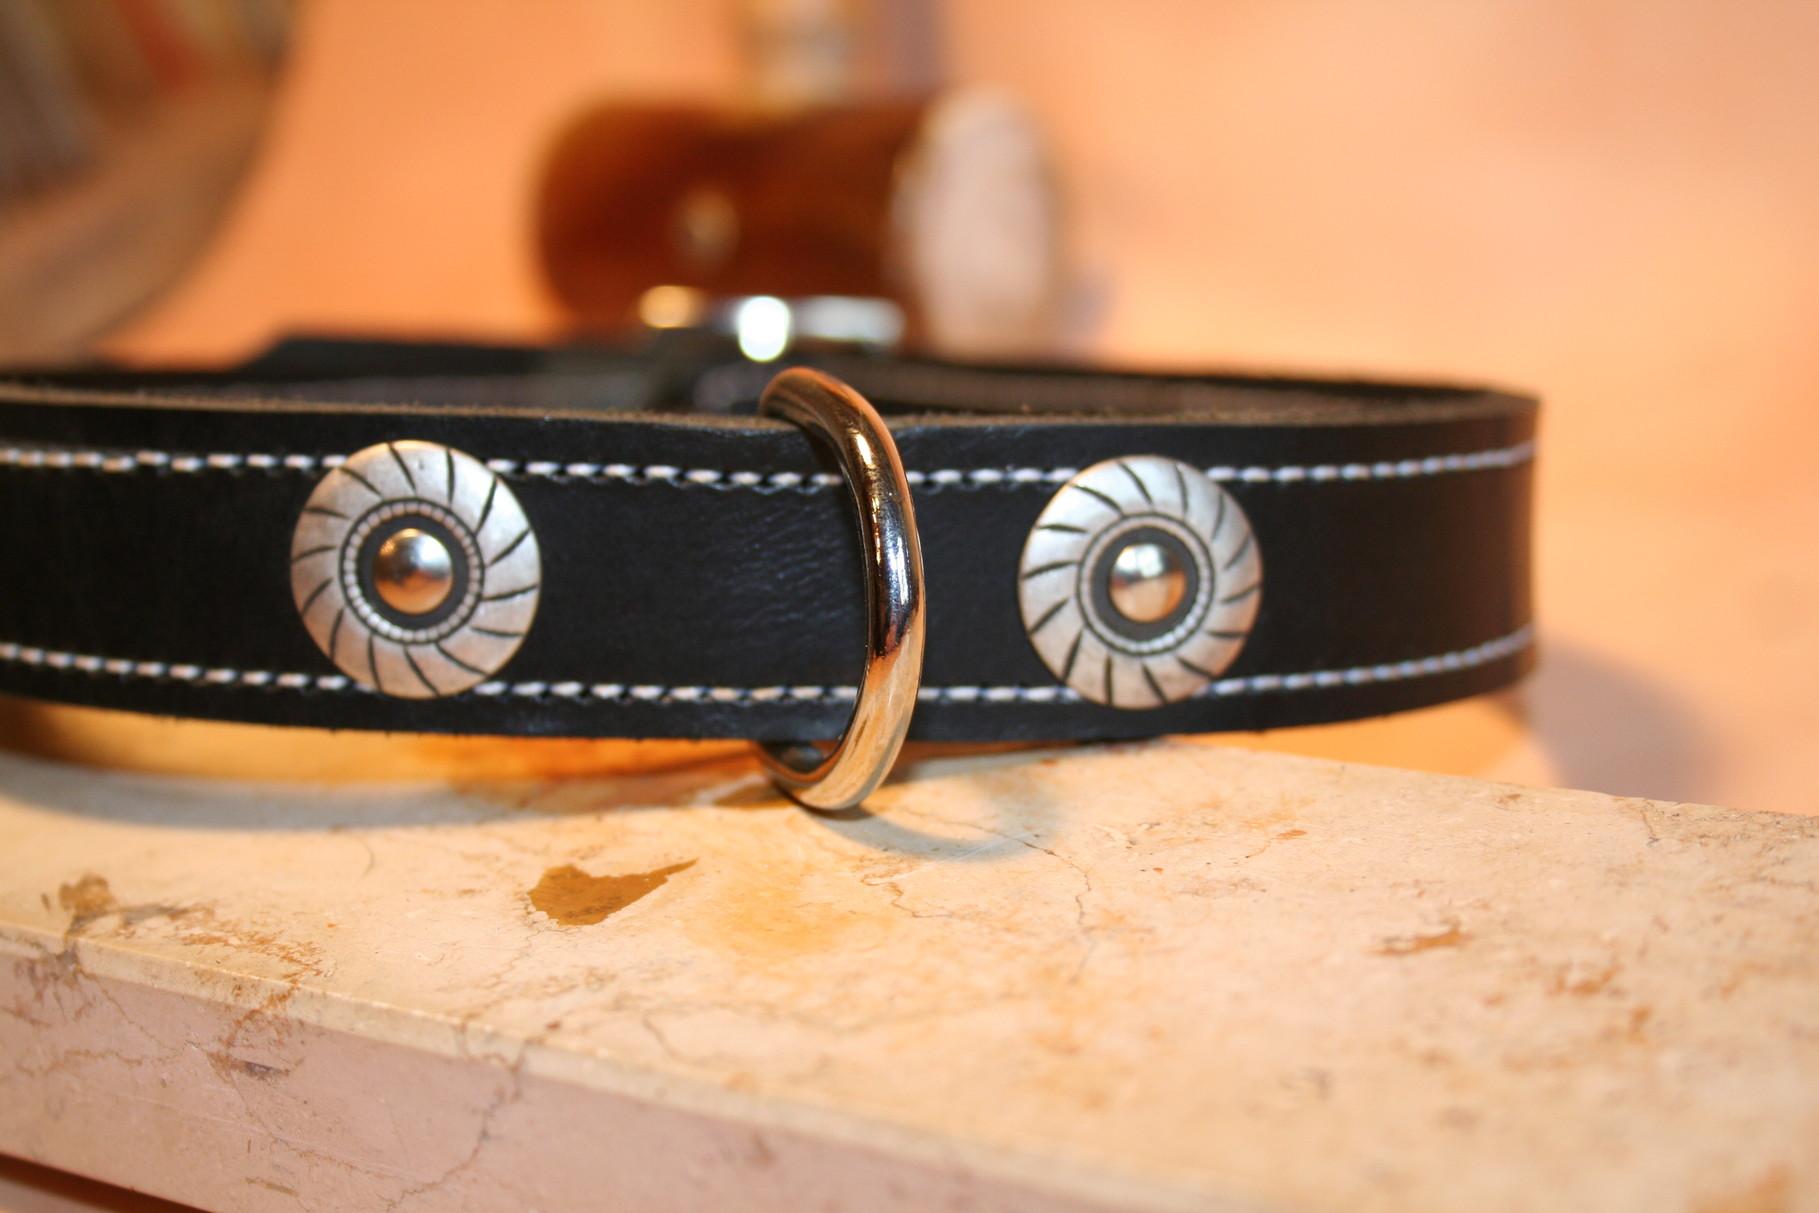 Hundehalsband mit Ziernieten und genähtem Rand